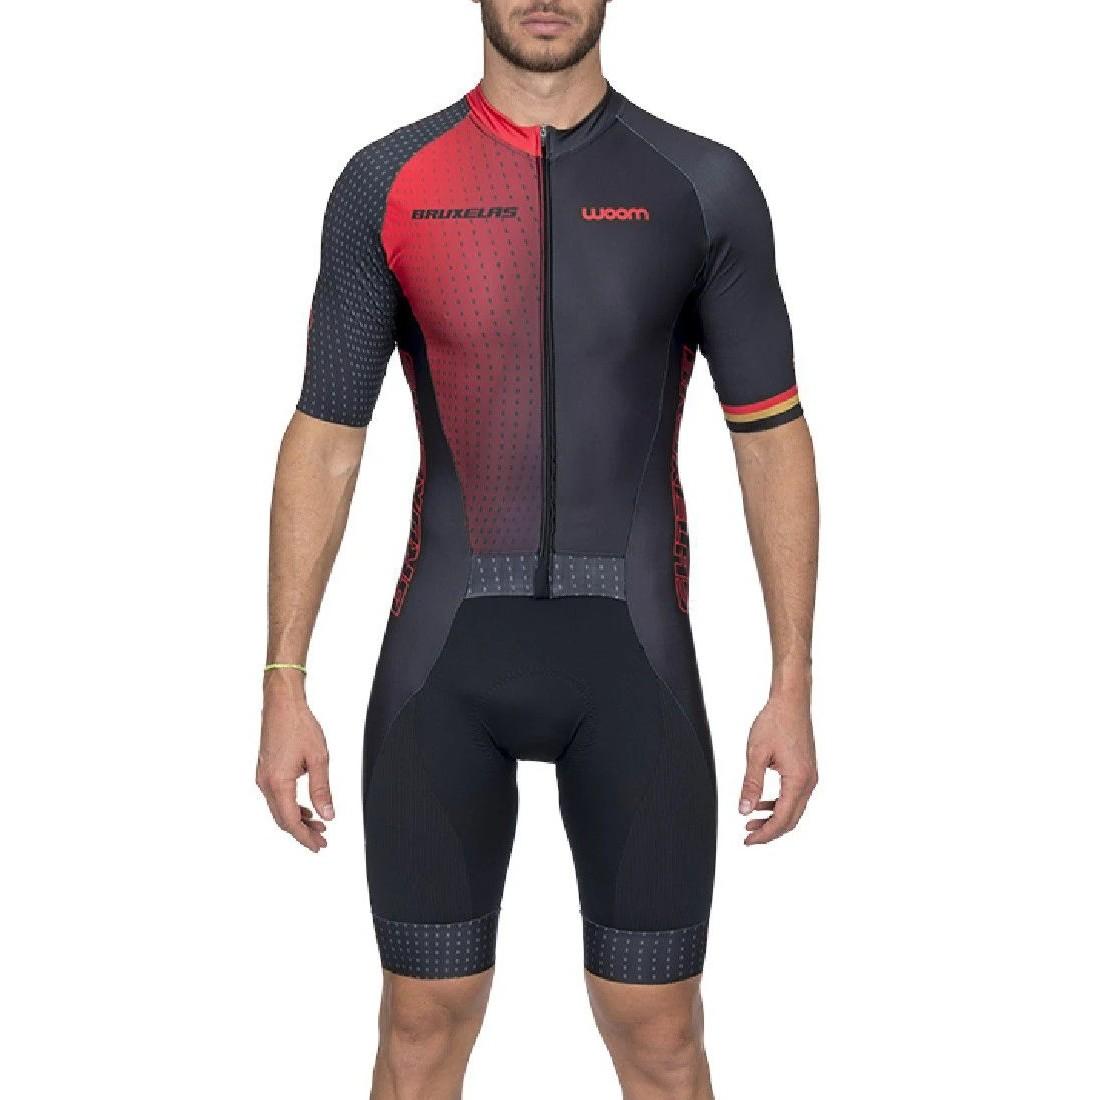 Macaquinho Ciclismo Woom Supreme Bruxelas Vermelho Masculino